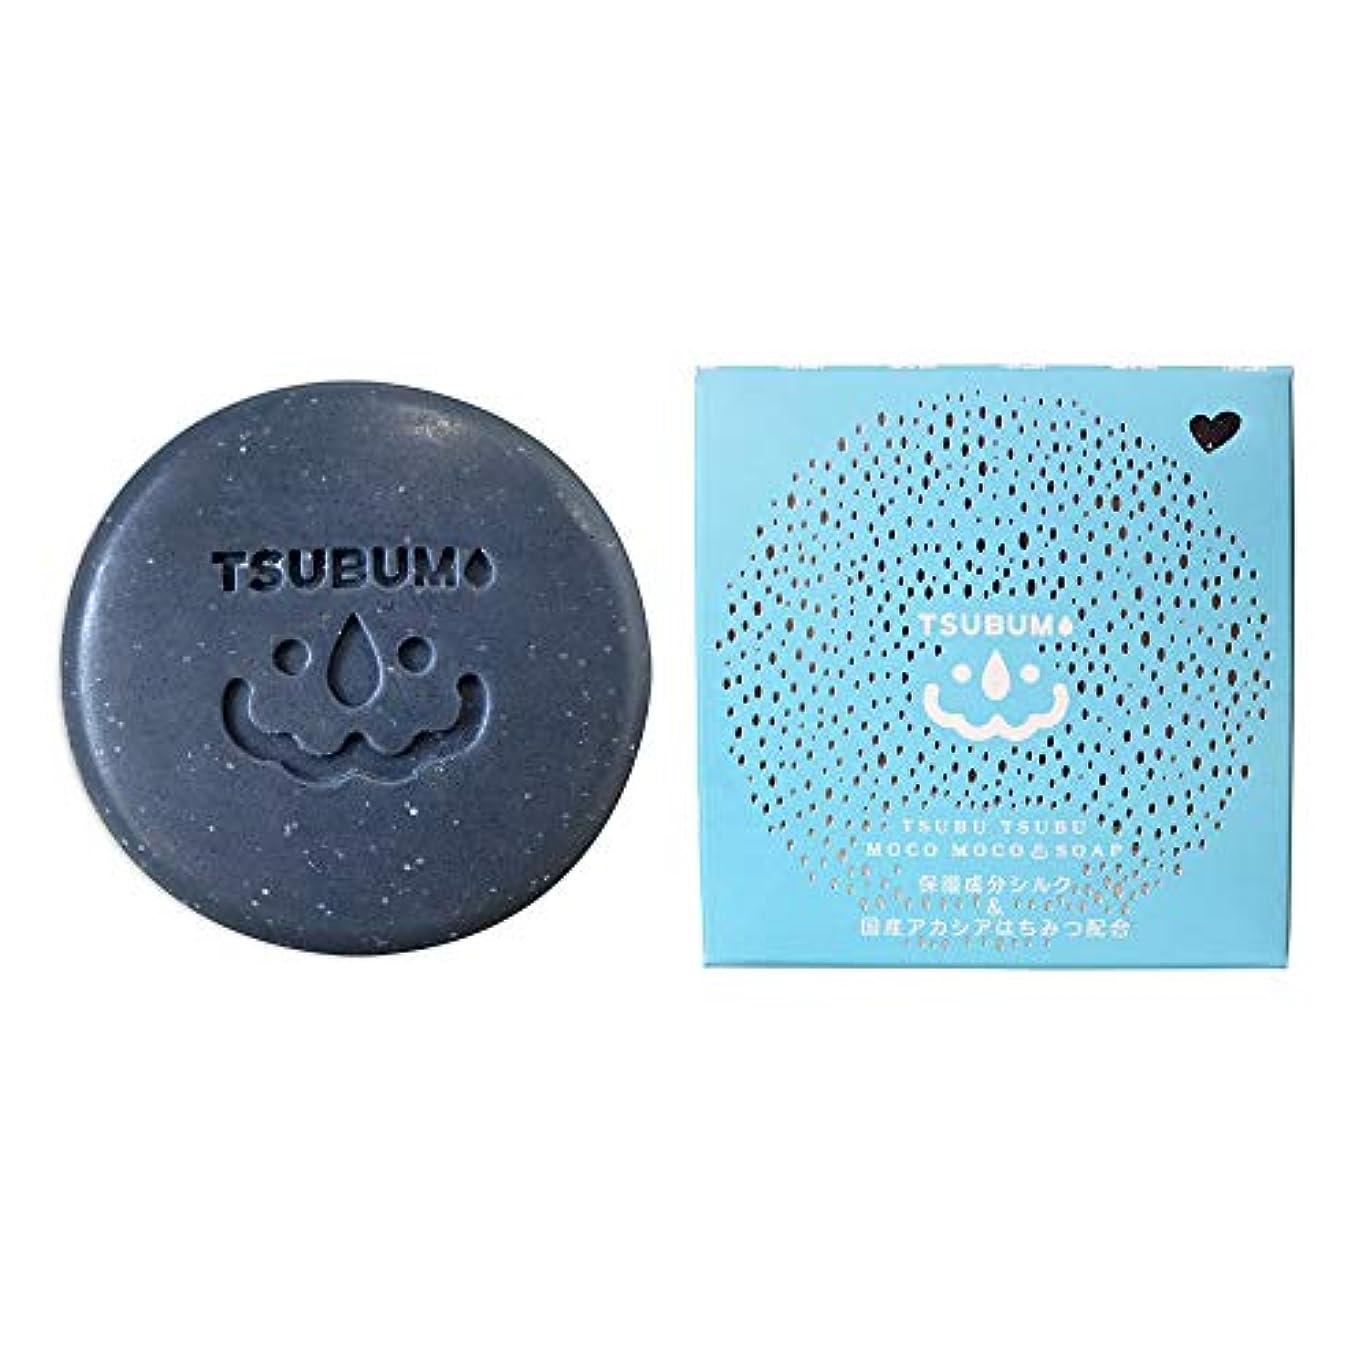 曲アセンブリ哲学者【TSUBUMO(ツブモ)】天然植物由来 プレミアムミネラルソープ 固形 フェイス&ボディ用 90g×1個|アルガンオイル 馬油 ガスール 着色料不使用 低刺激 敏感肌|日本製|ファミリー向け